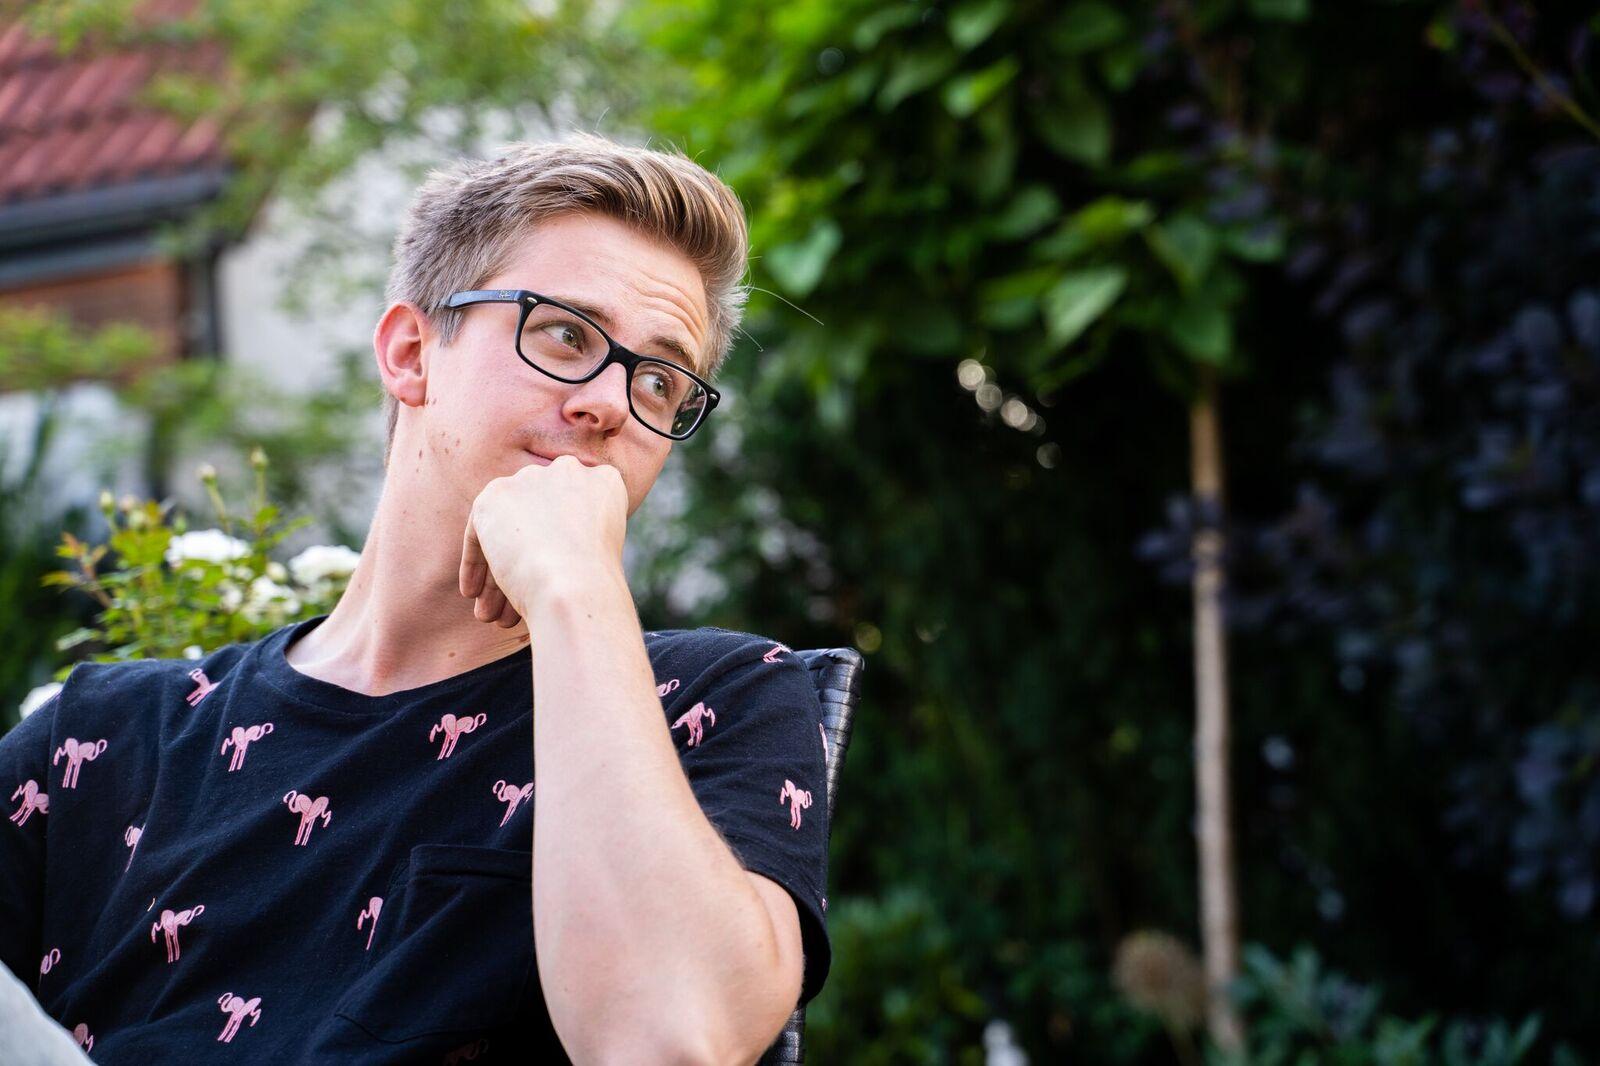 Dieser junge Mann will die (Neu-)Ulmer Start-Up-Szene auffrischen